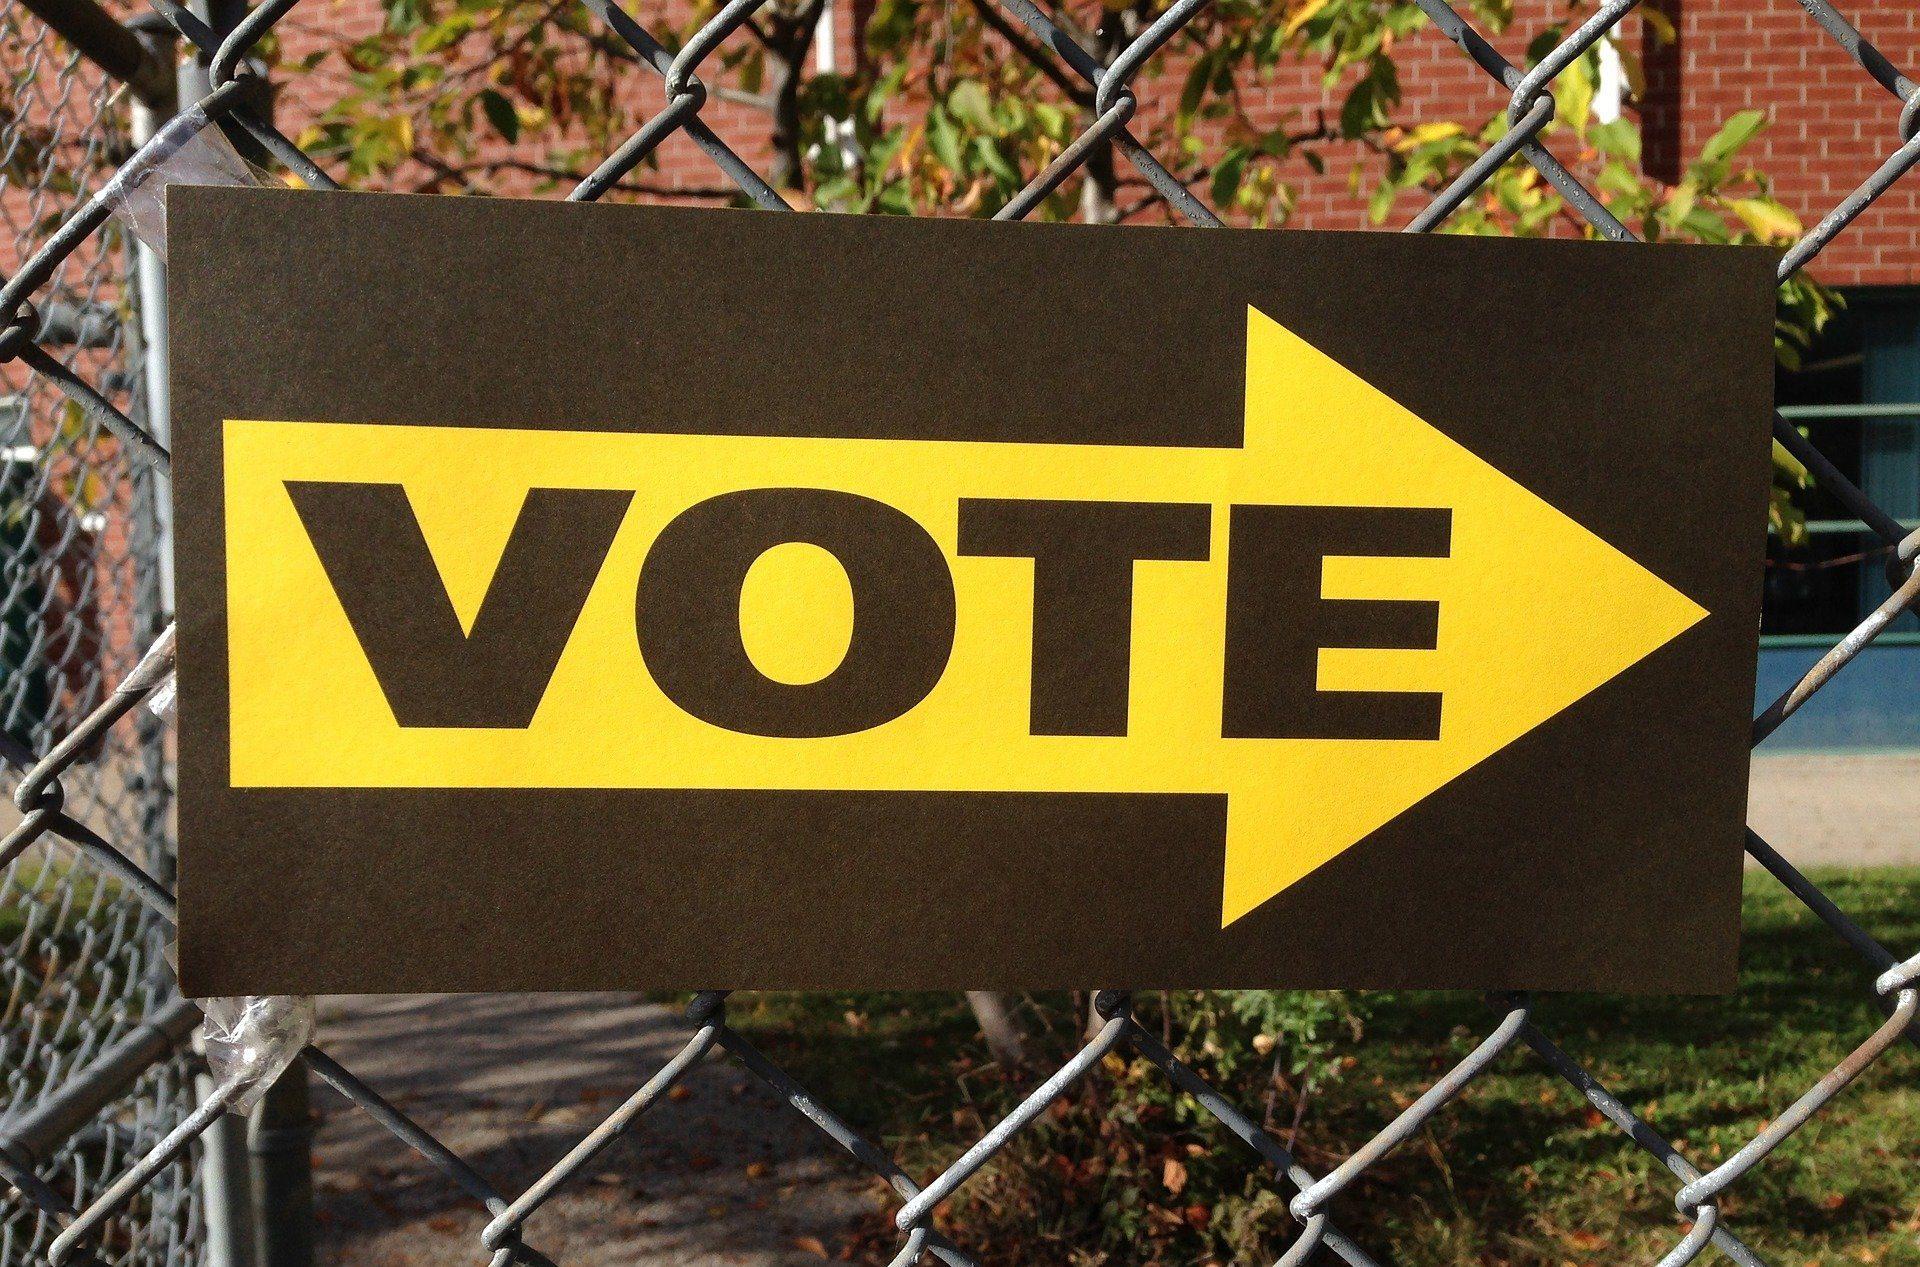 Expertos del Instituto Tecnológico de Massachusetts y Harvard no visualizan un potencial positivo de la tecnología blockchain en los sistemas de votación electrónicos